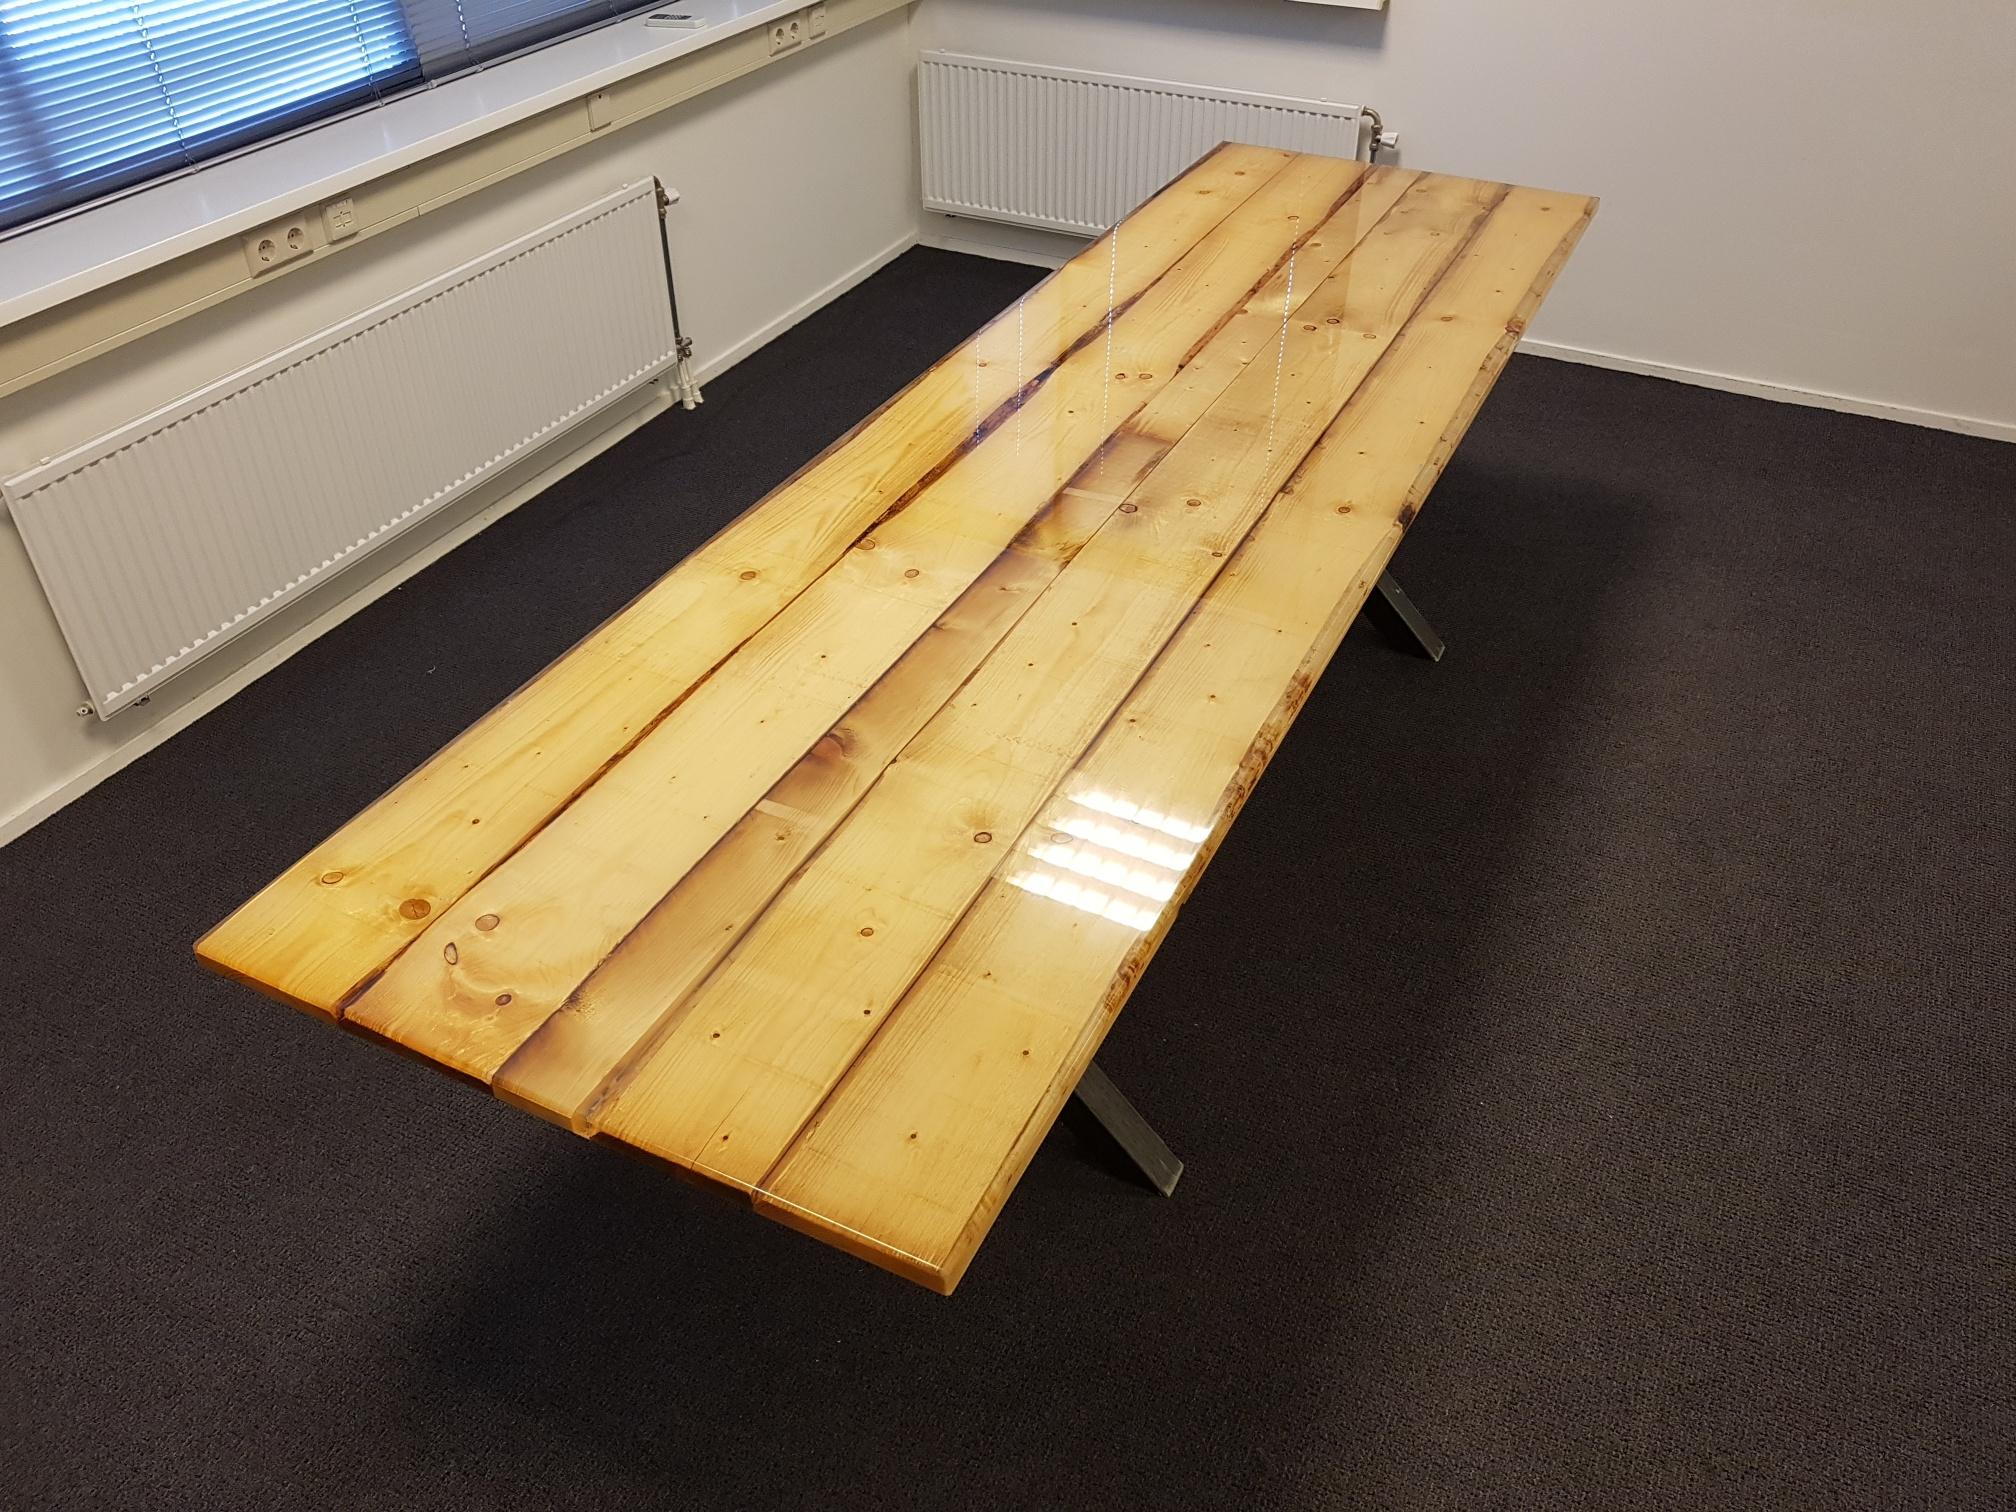 Uitgelezene Houten tafels en tafelbladen afgieten met Epoxy giethars IX-37